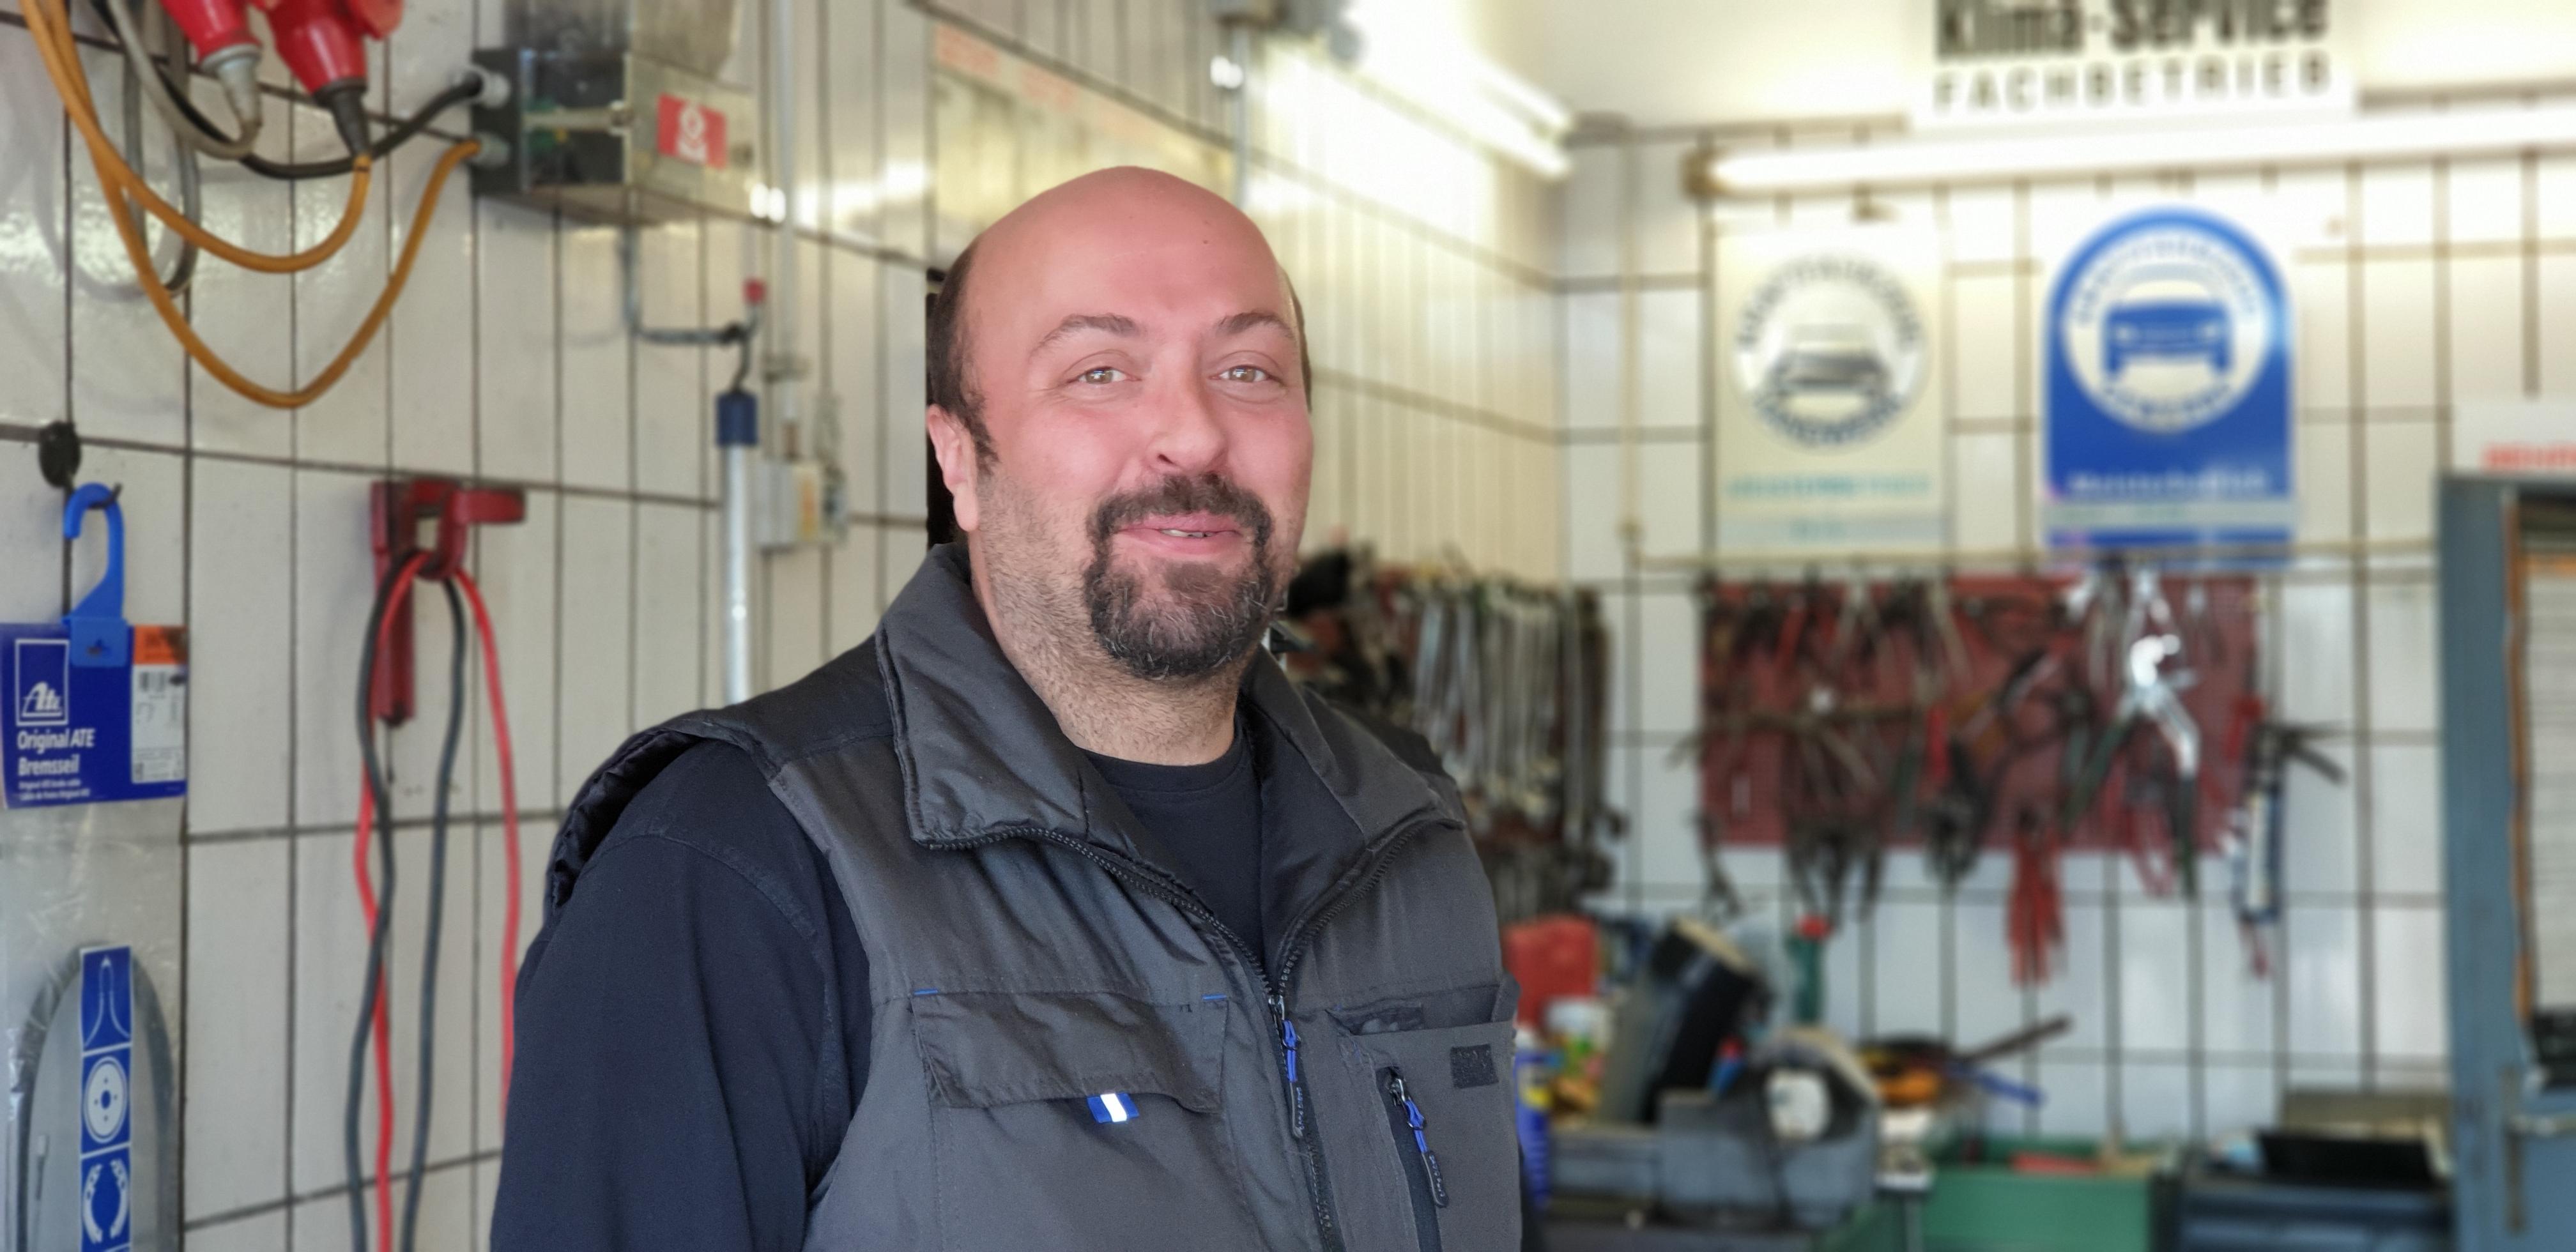 Kfz-Meister Özay Bozaci trägt stets ein Lächeln im Gesicht. Foto: Sascha von Gerishem